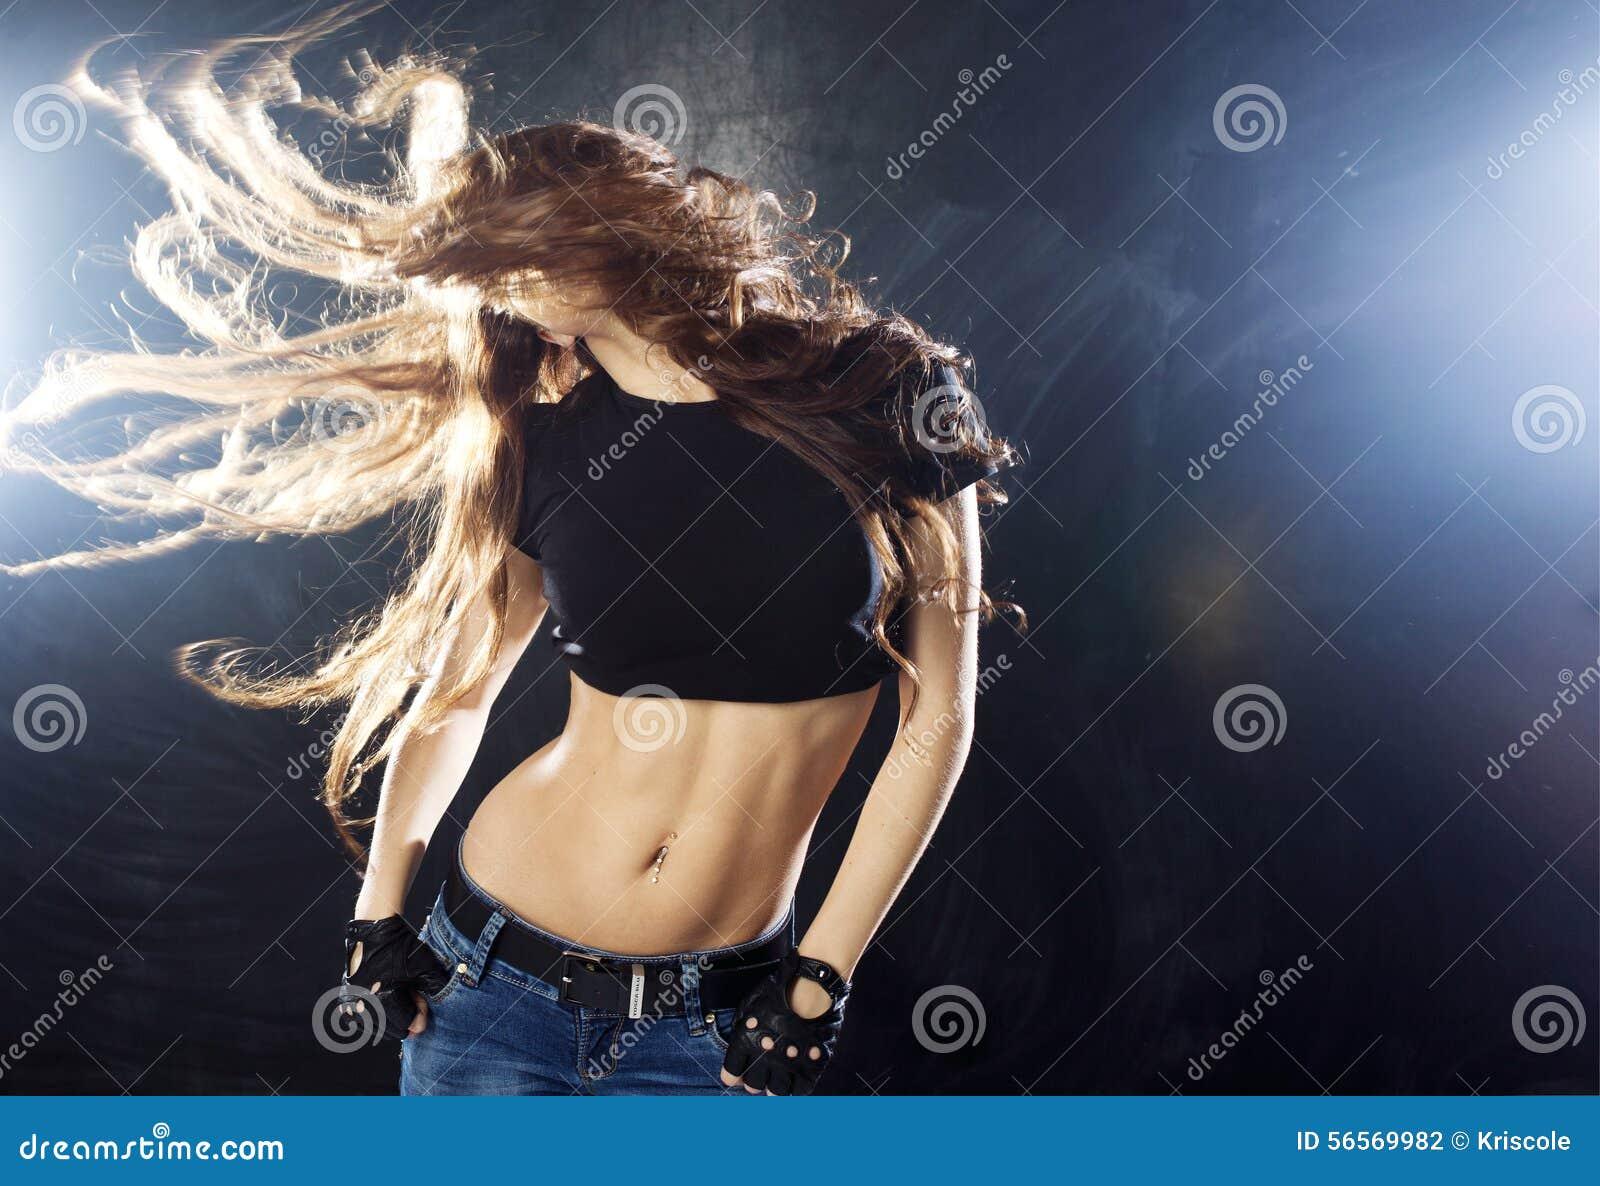 Χαμογελώντας νέα γυναίκα που χορεύει, πέταγμα τρίχας